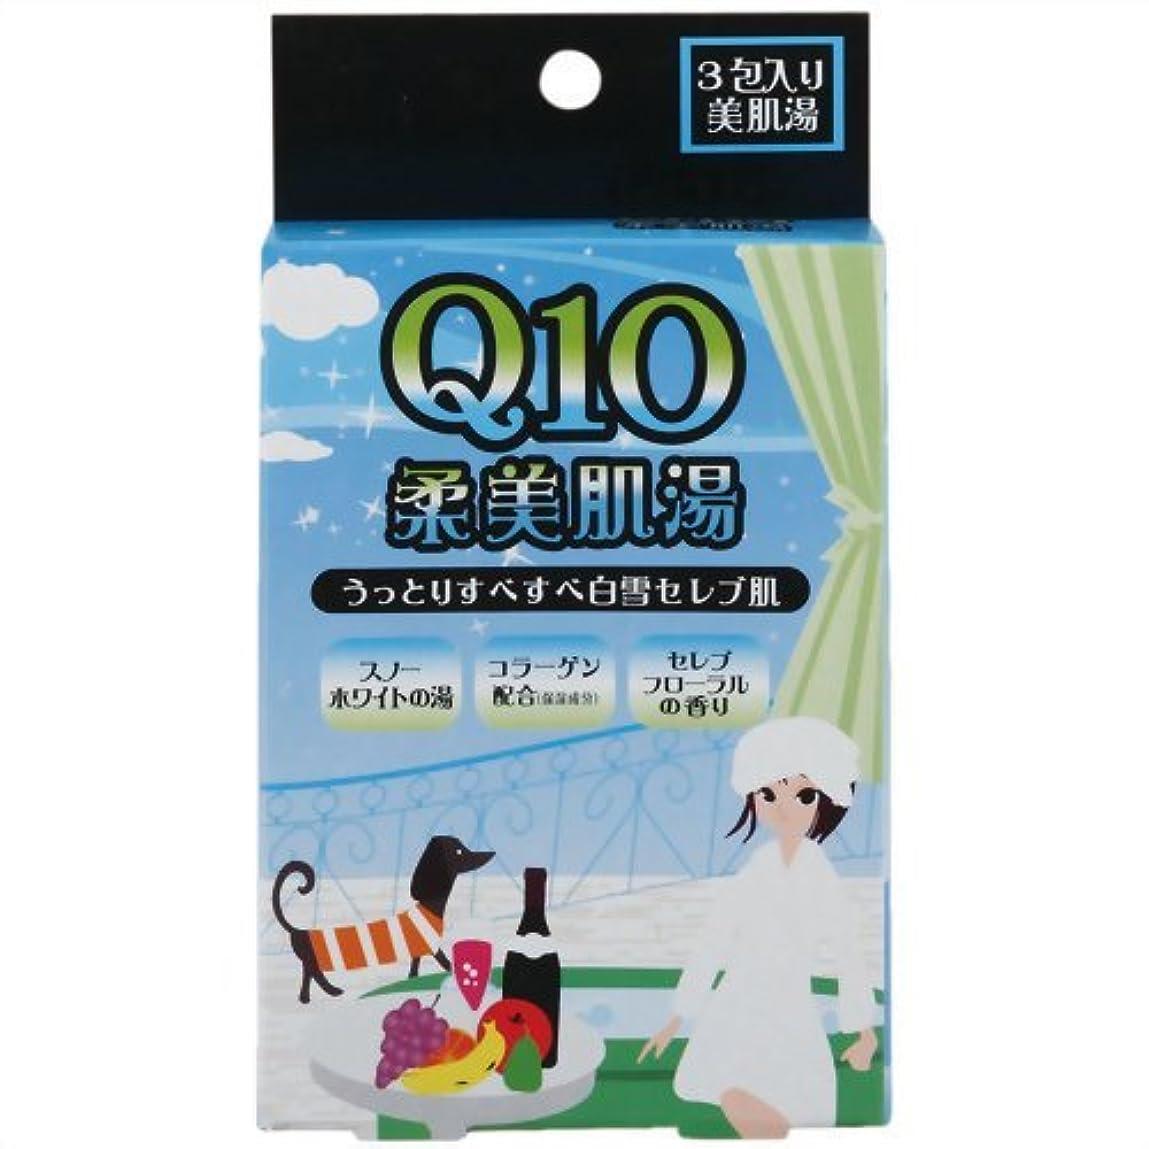 センサー仲介者来て紀陽除虫菊 Q10 柔美肌湯 (セレブフローラルの香り)【まとめ買い10個セット】 N-8372